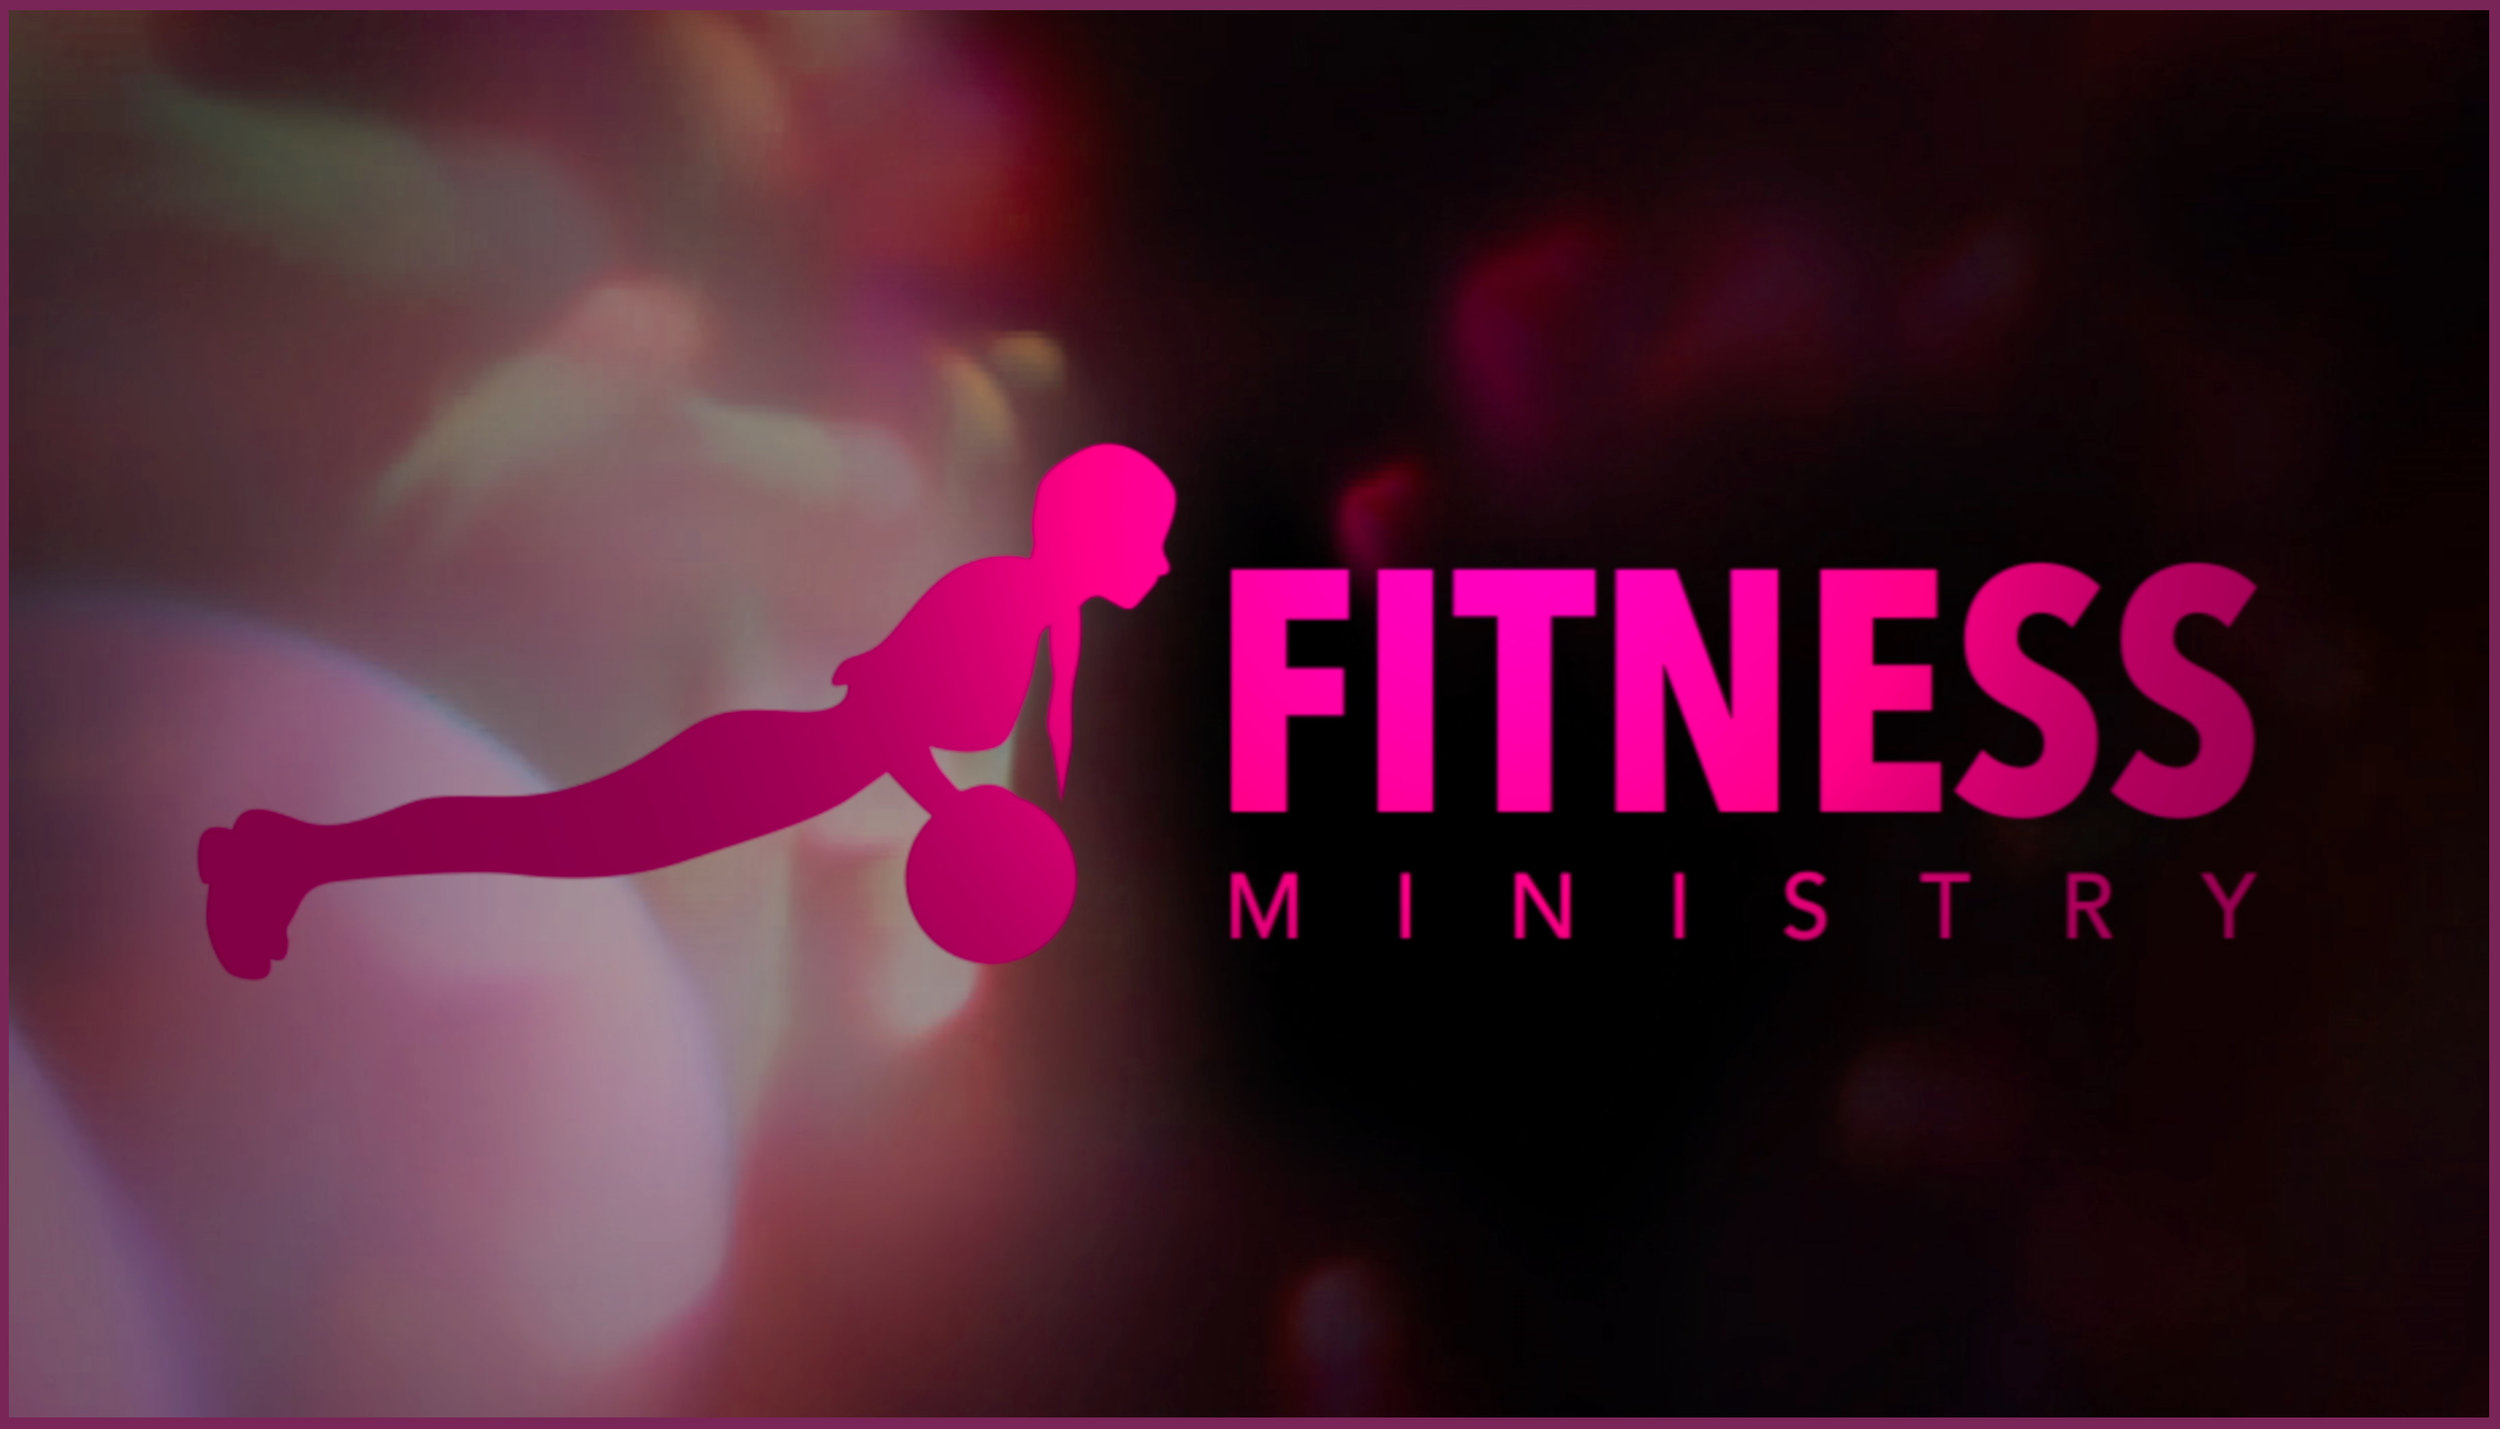 fitness min button.jpg